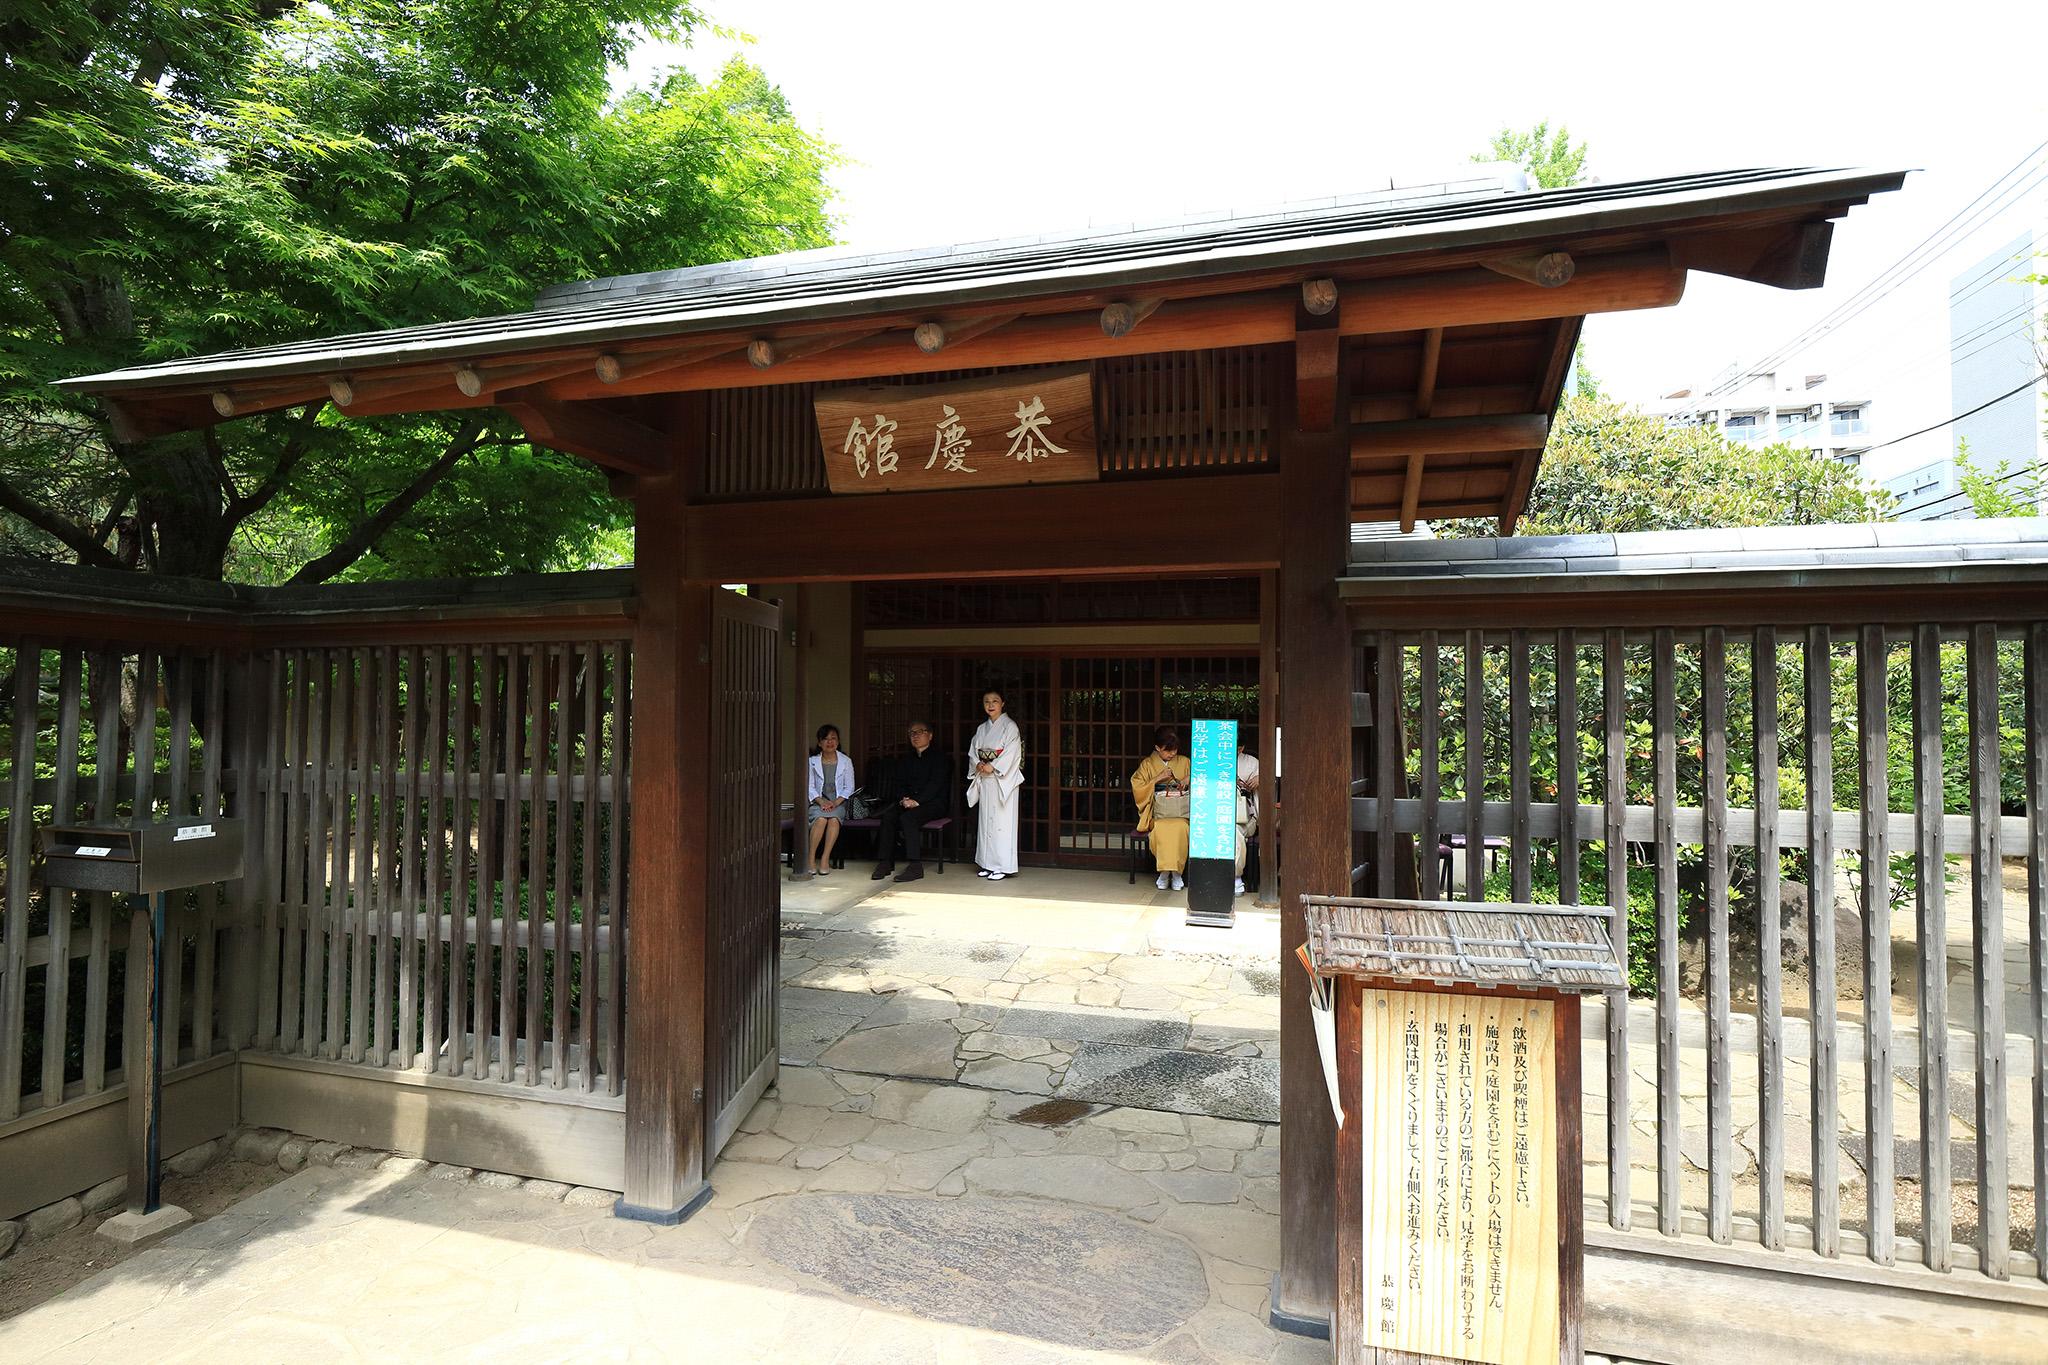 20150429_kyokeikan_chakai4_2048